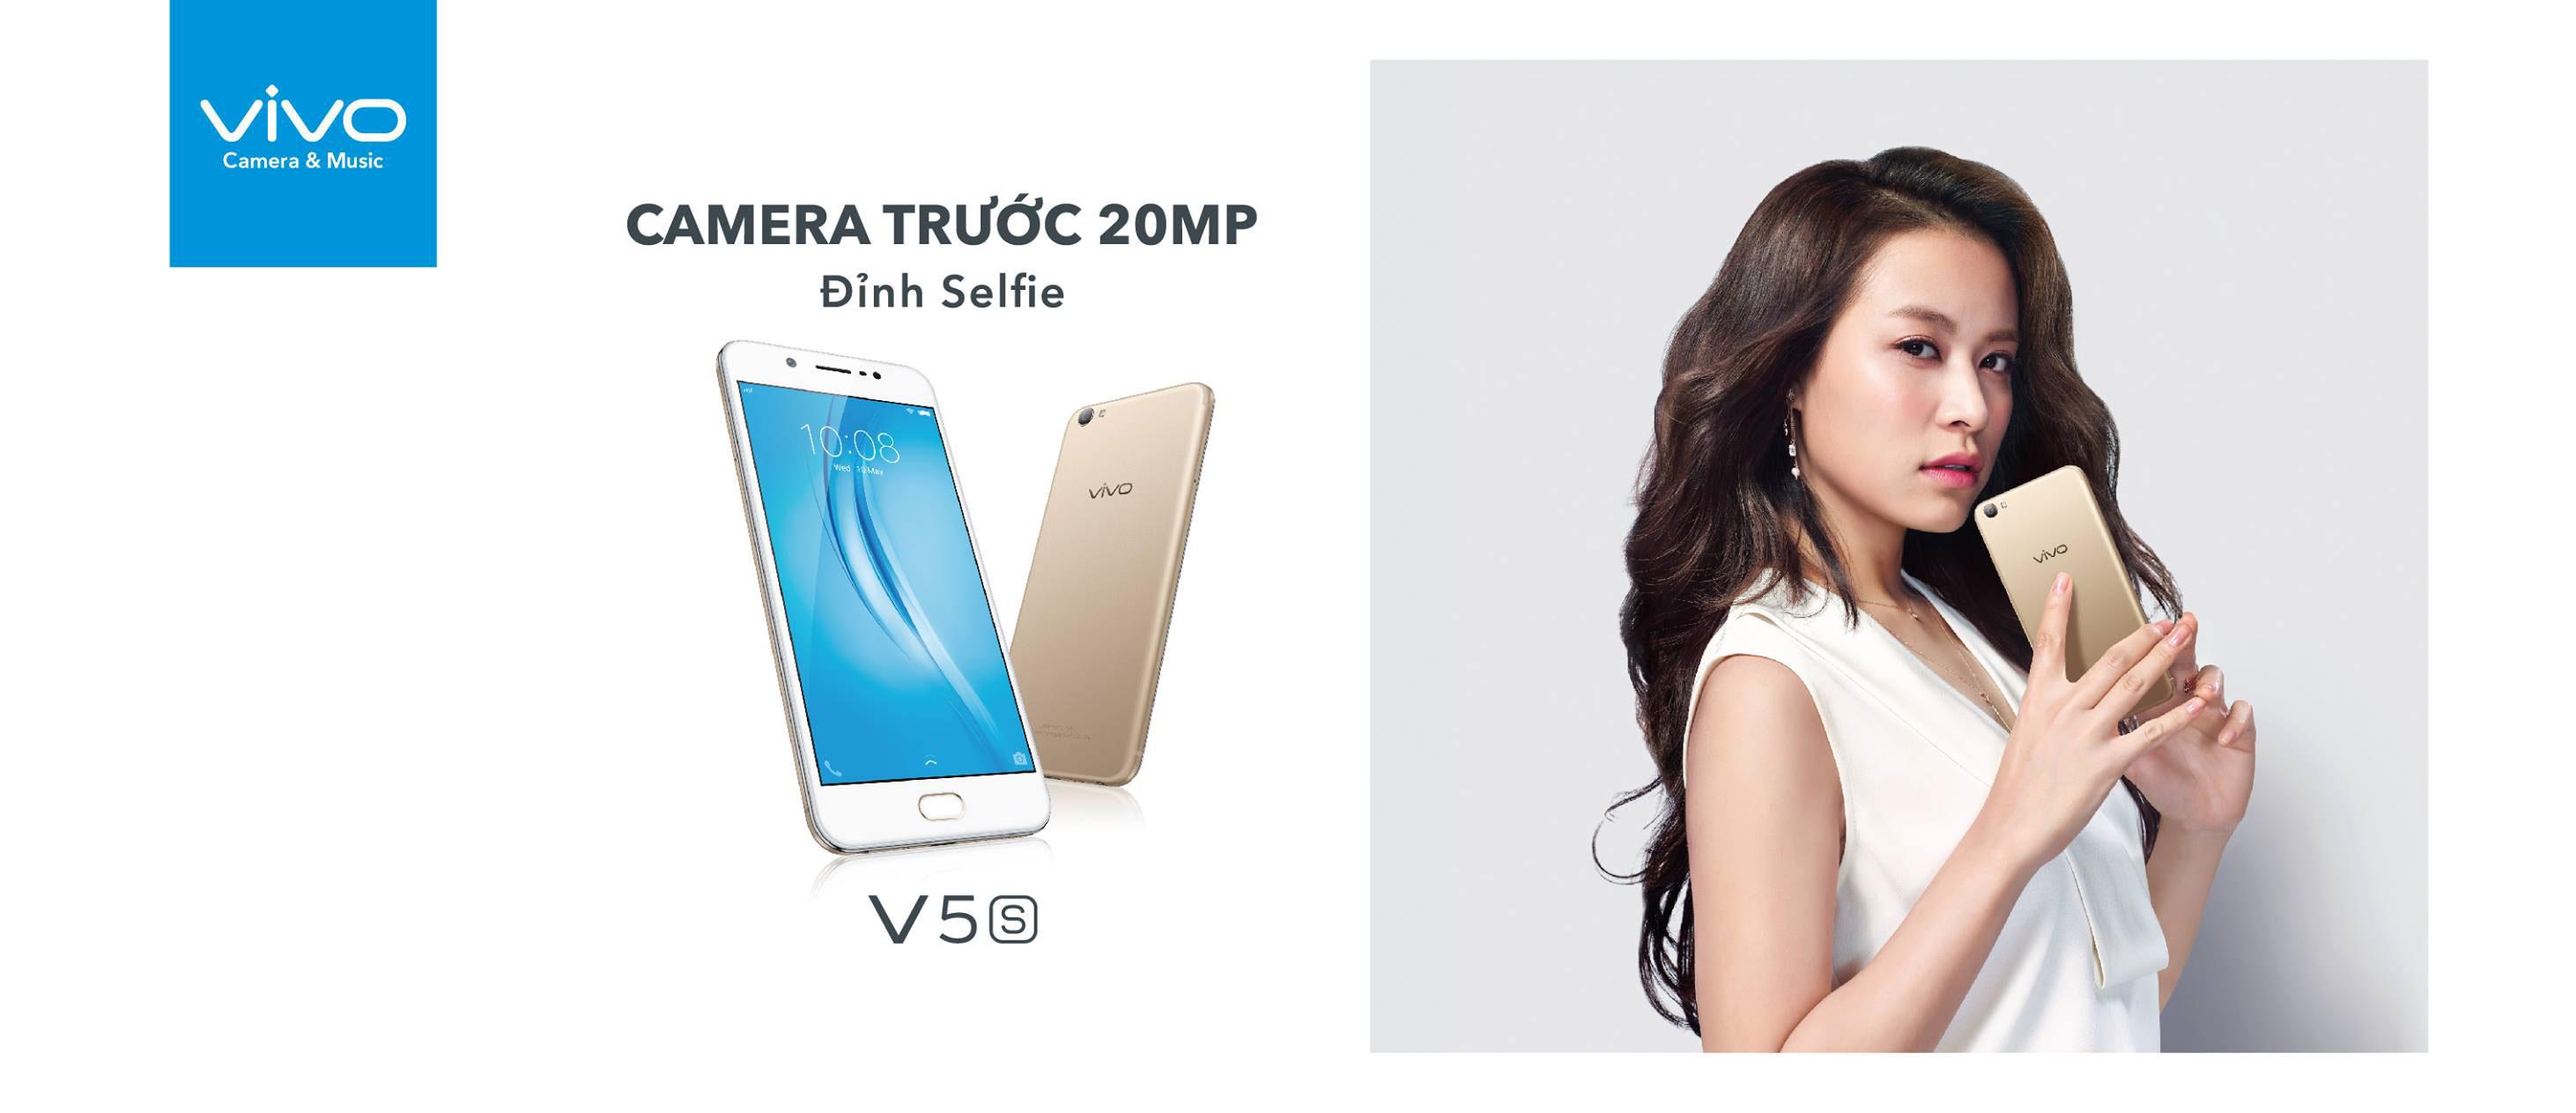 Vivo V5s ra mắt, tiếp tục vào trải nghiệm camera selfie